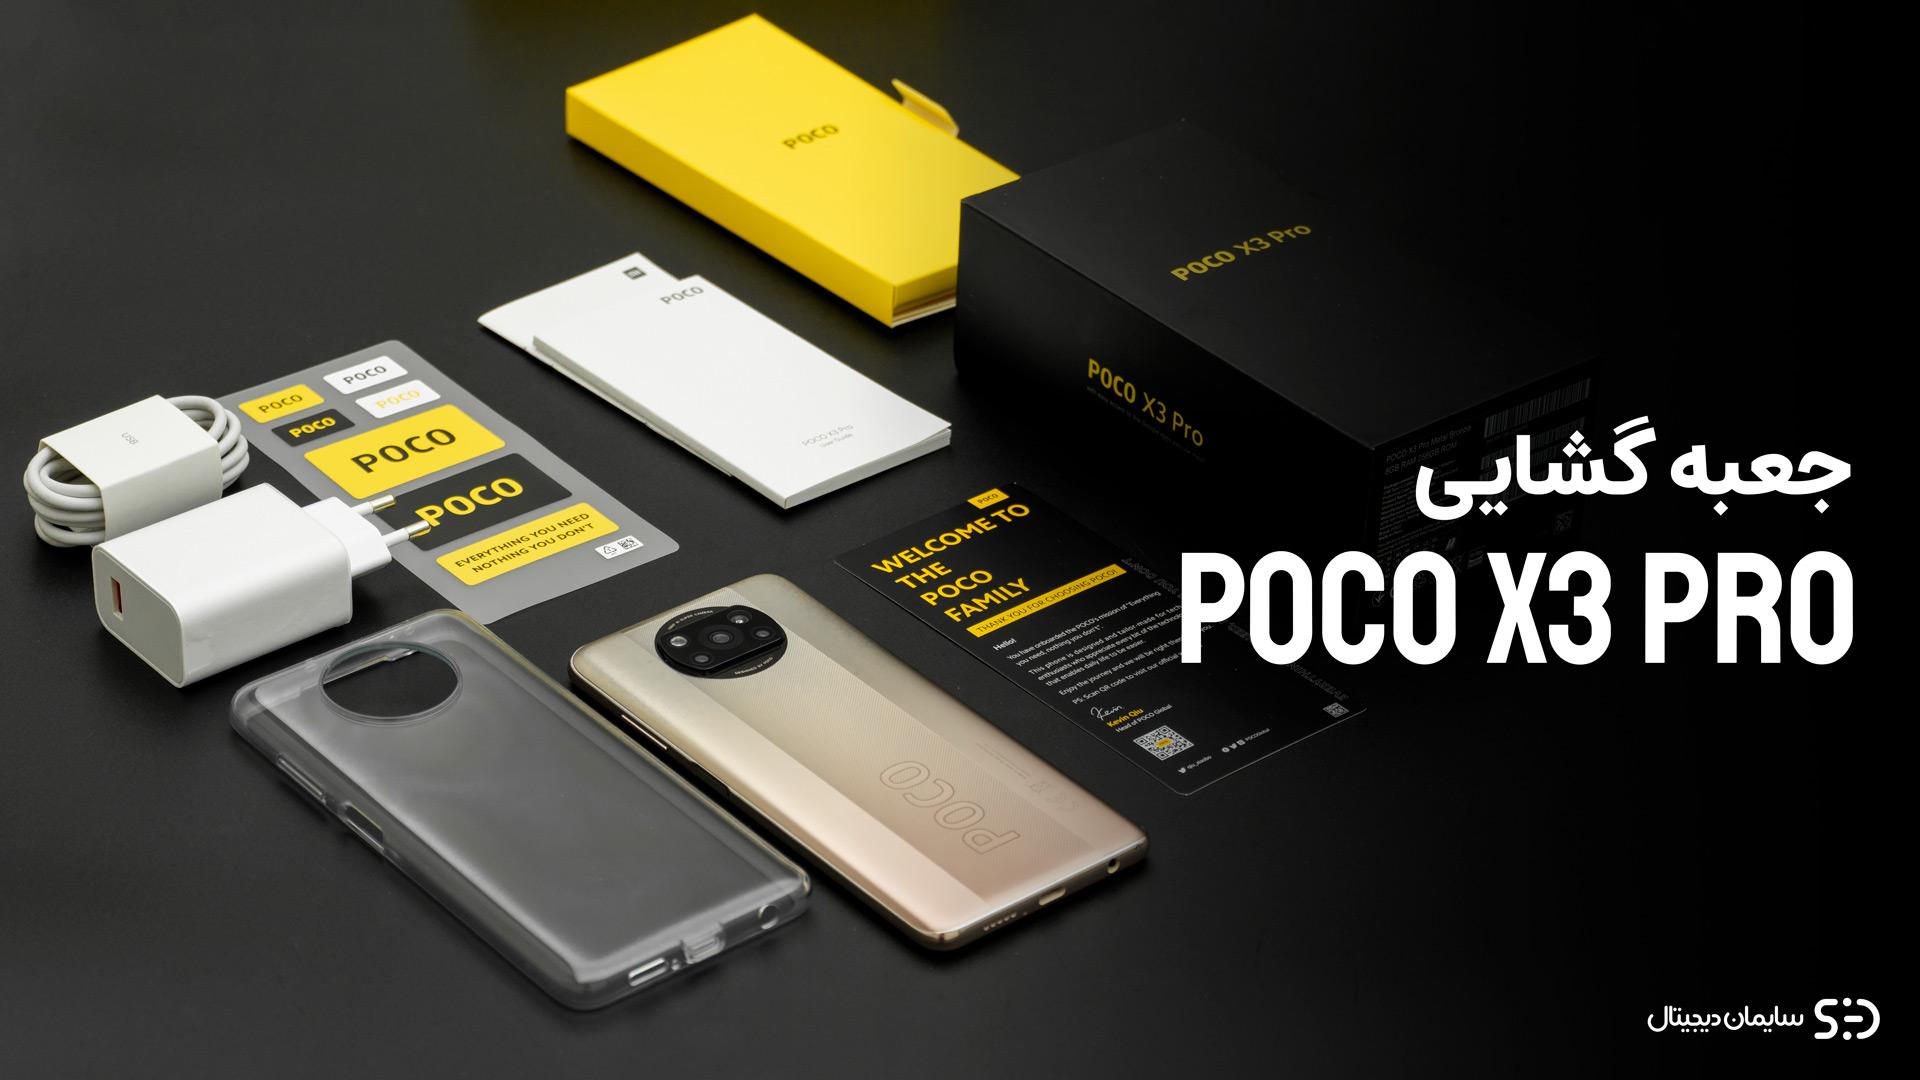 جعبه گشایی از Poco X3 Pro